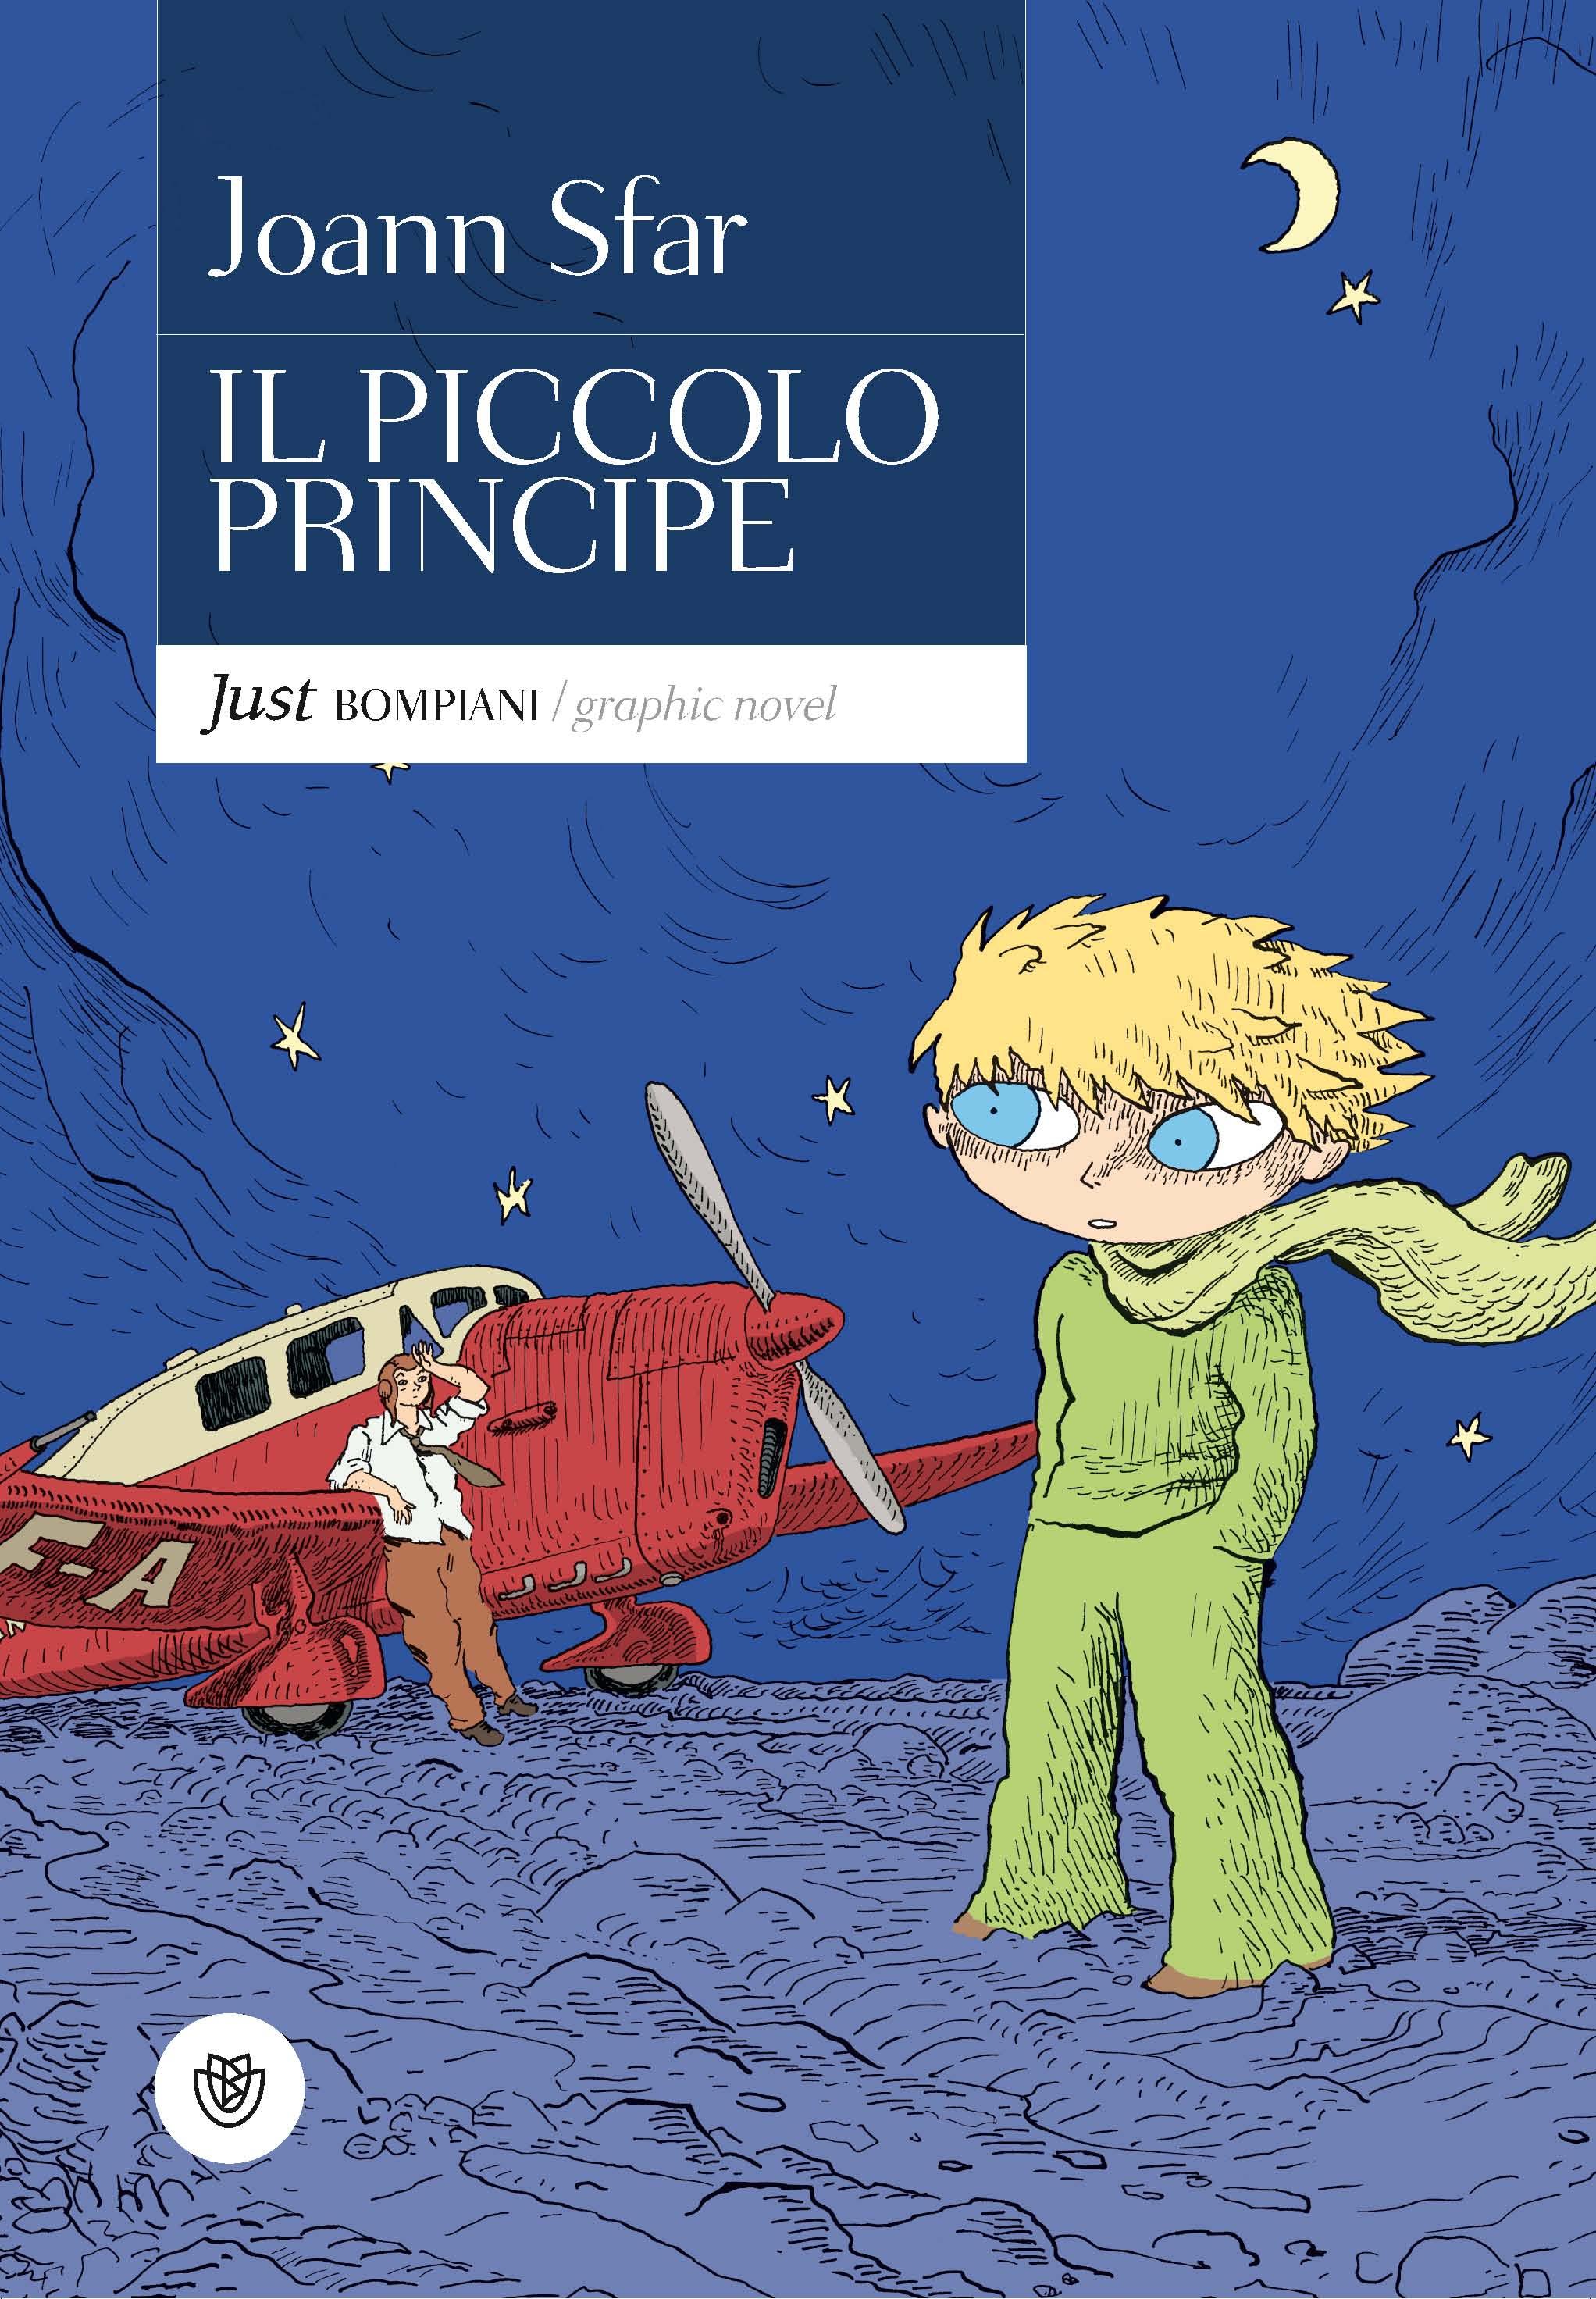 Il Piccolo Principe secondo Joann Sfar